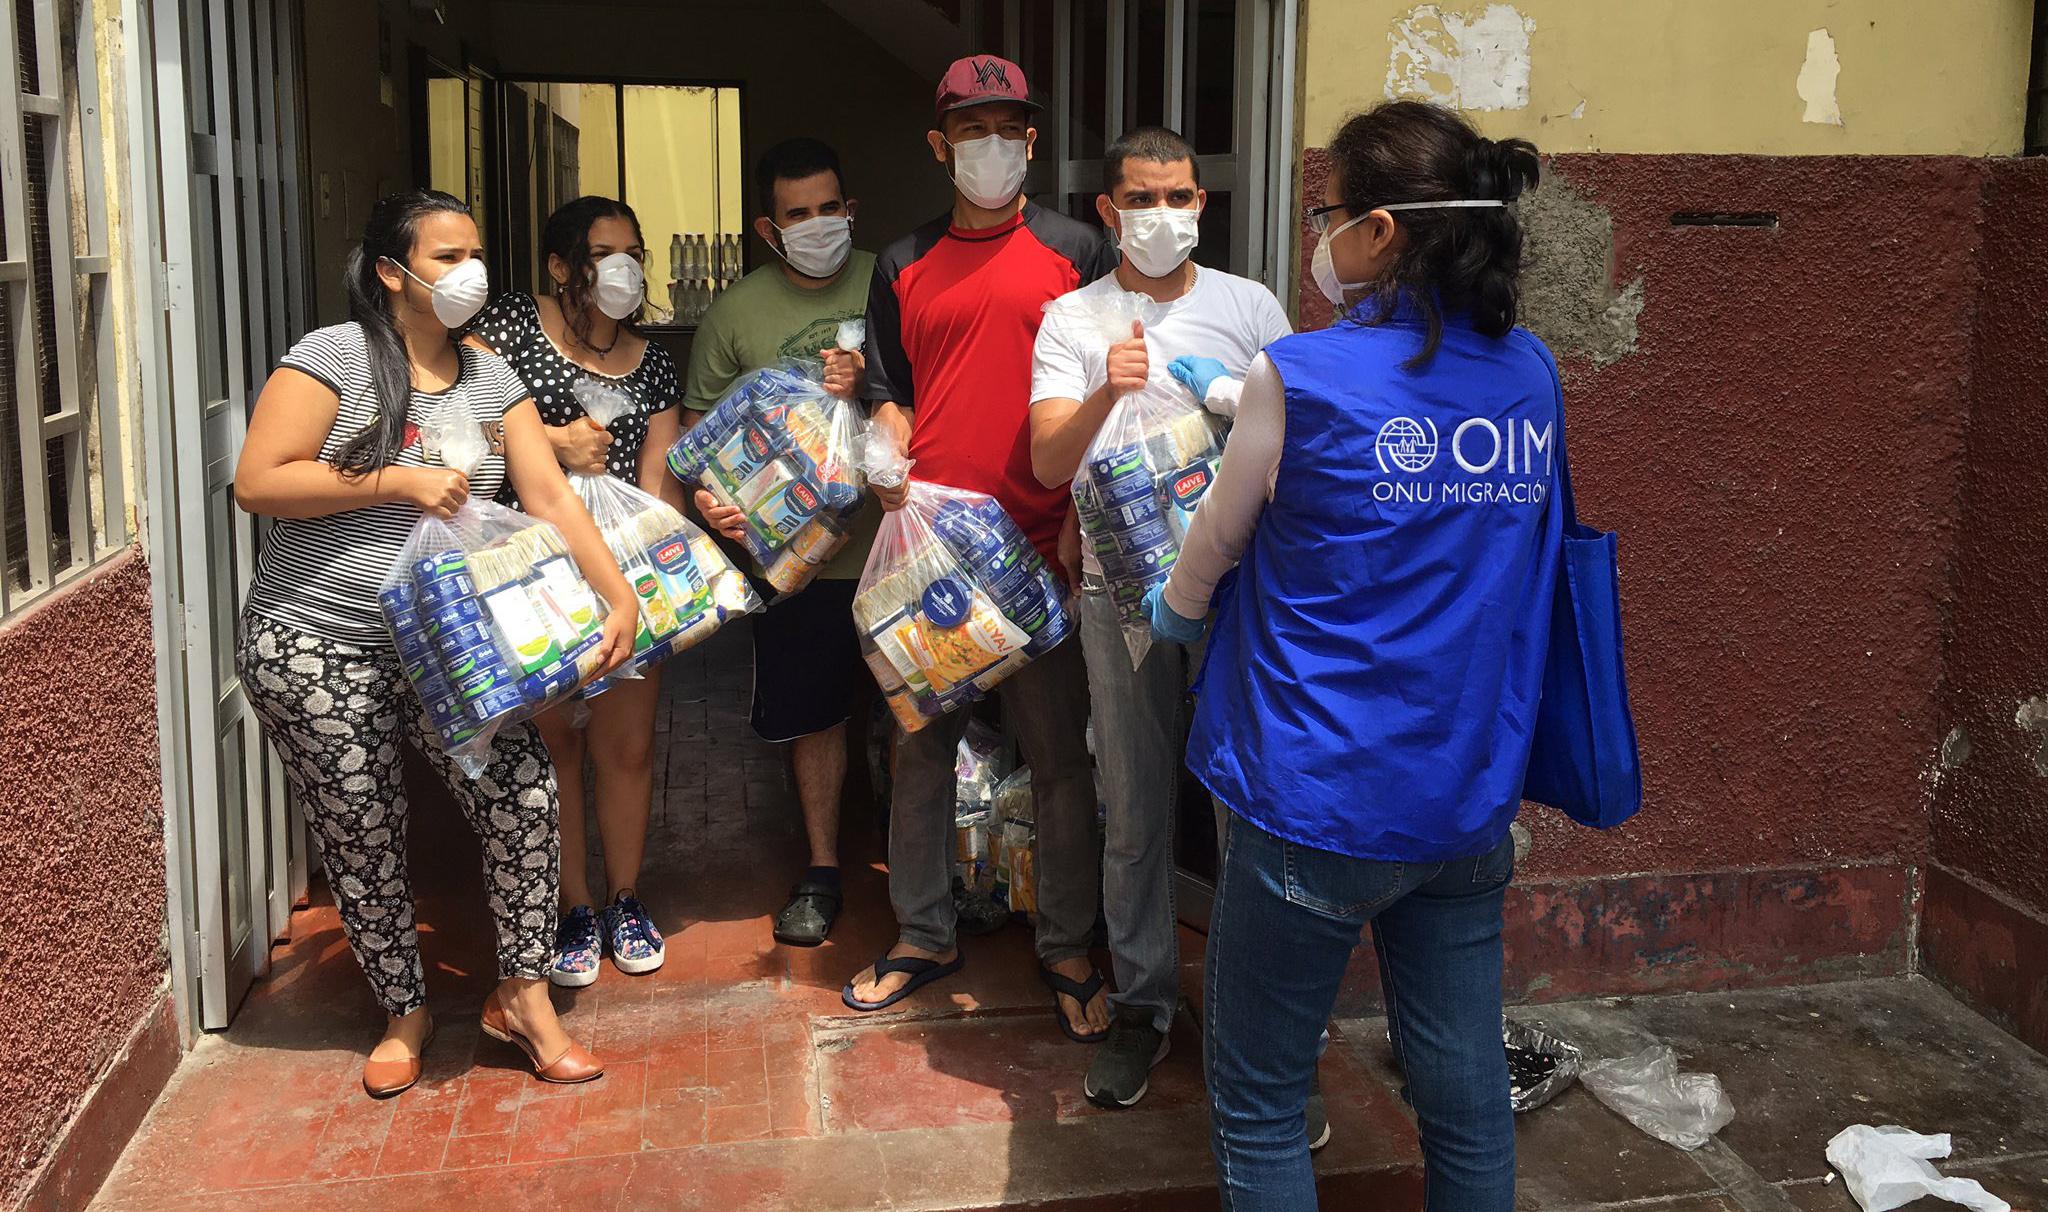 En Perú corre la idea de que los venezolanos son delincuentes cuando los datos dicen lo contrario / Foto: ONU